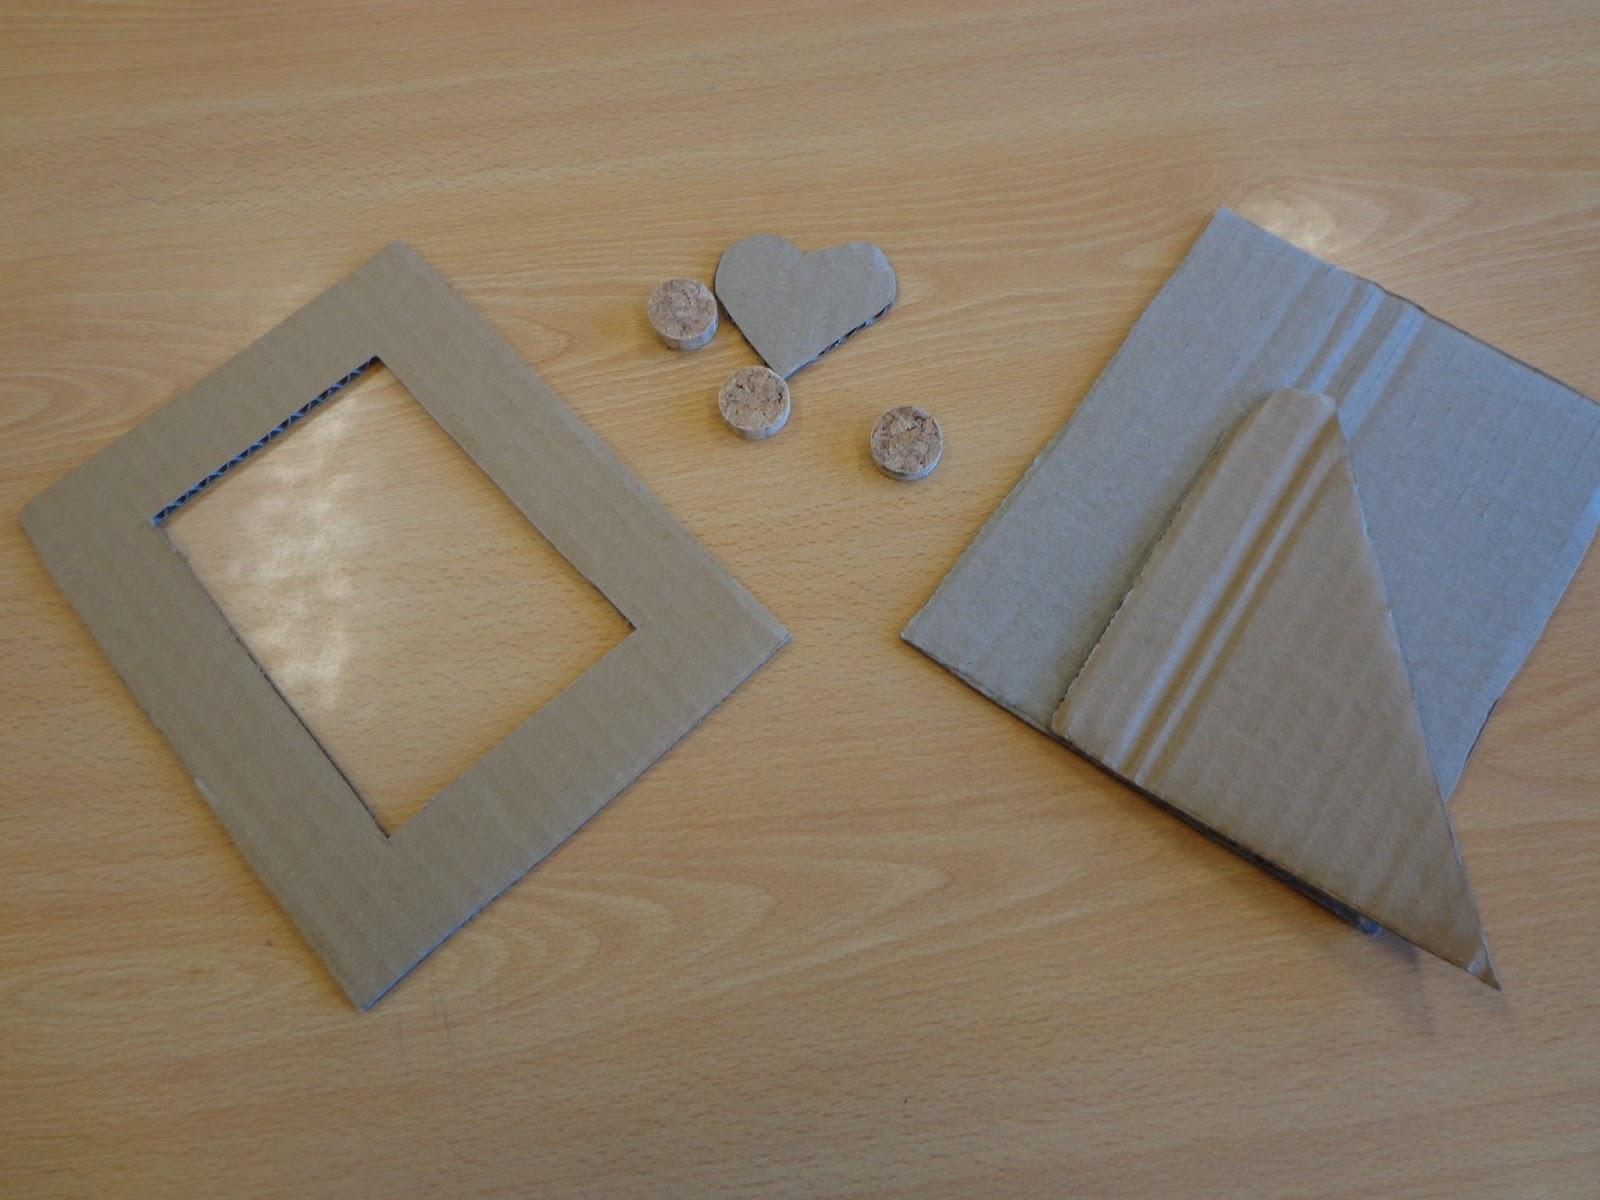 Reuse Crafts: Cardboard Picture Frame Craft